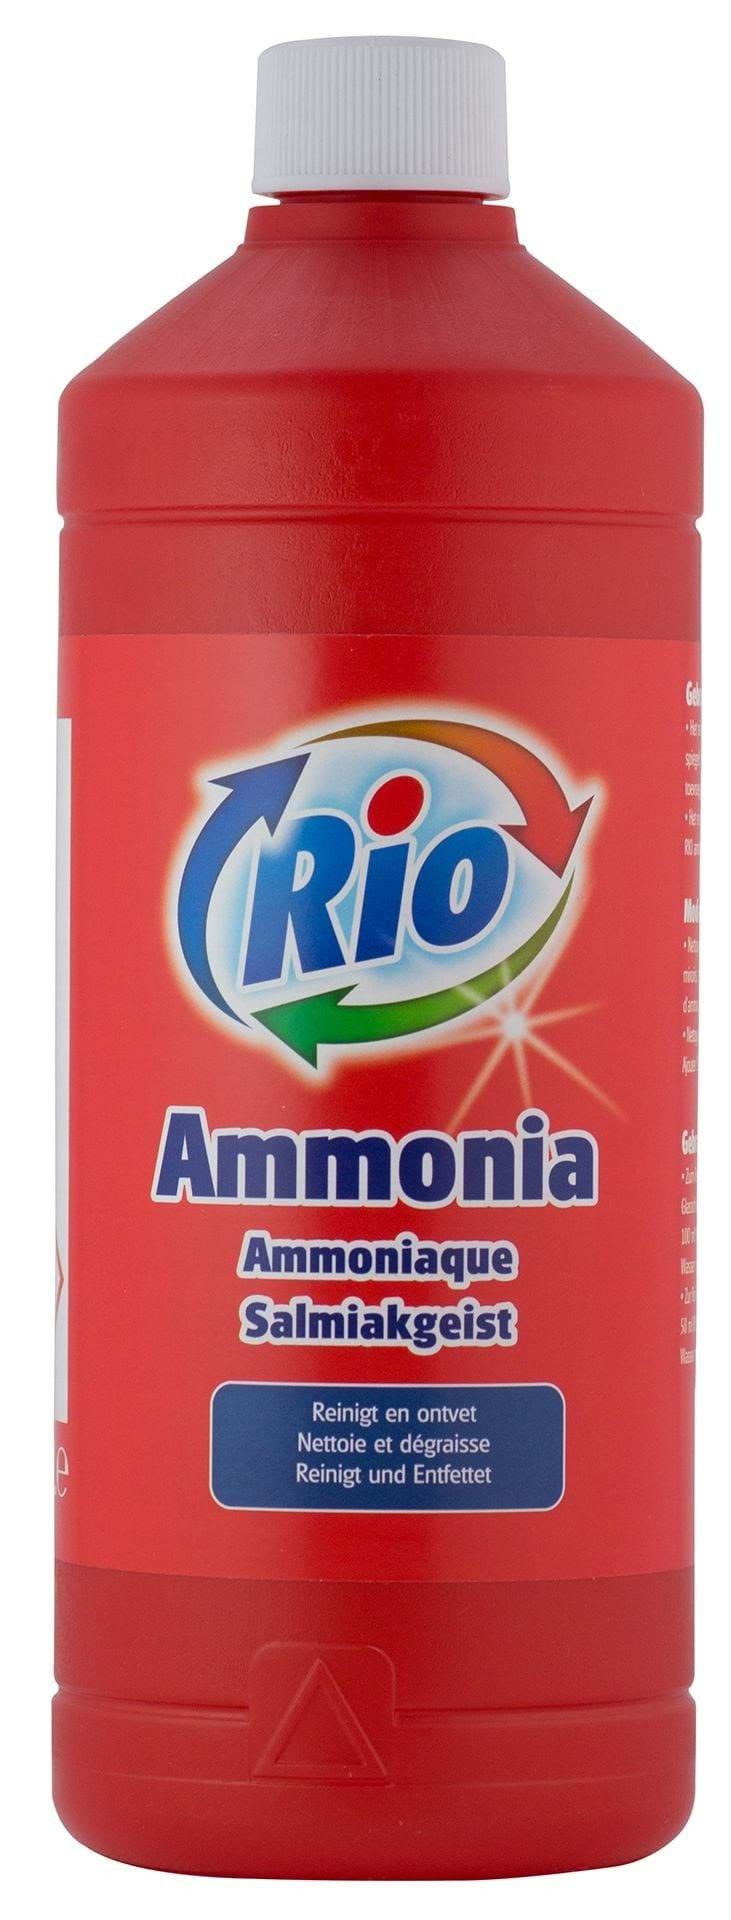 Rio | Ammonia elite | 5 % | Fles 12 x 1 liter